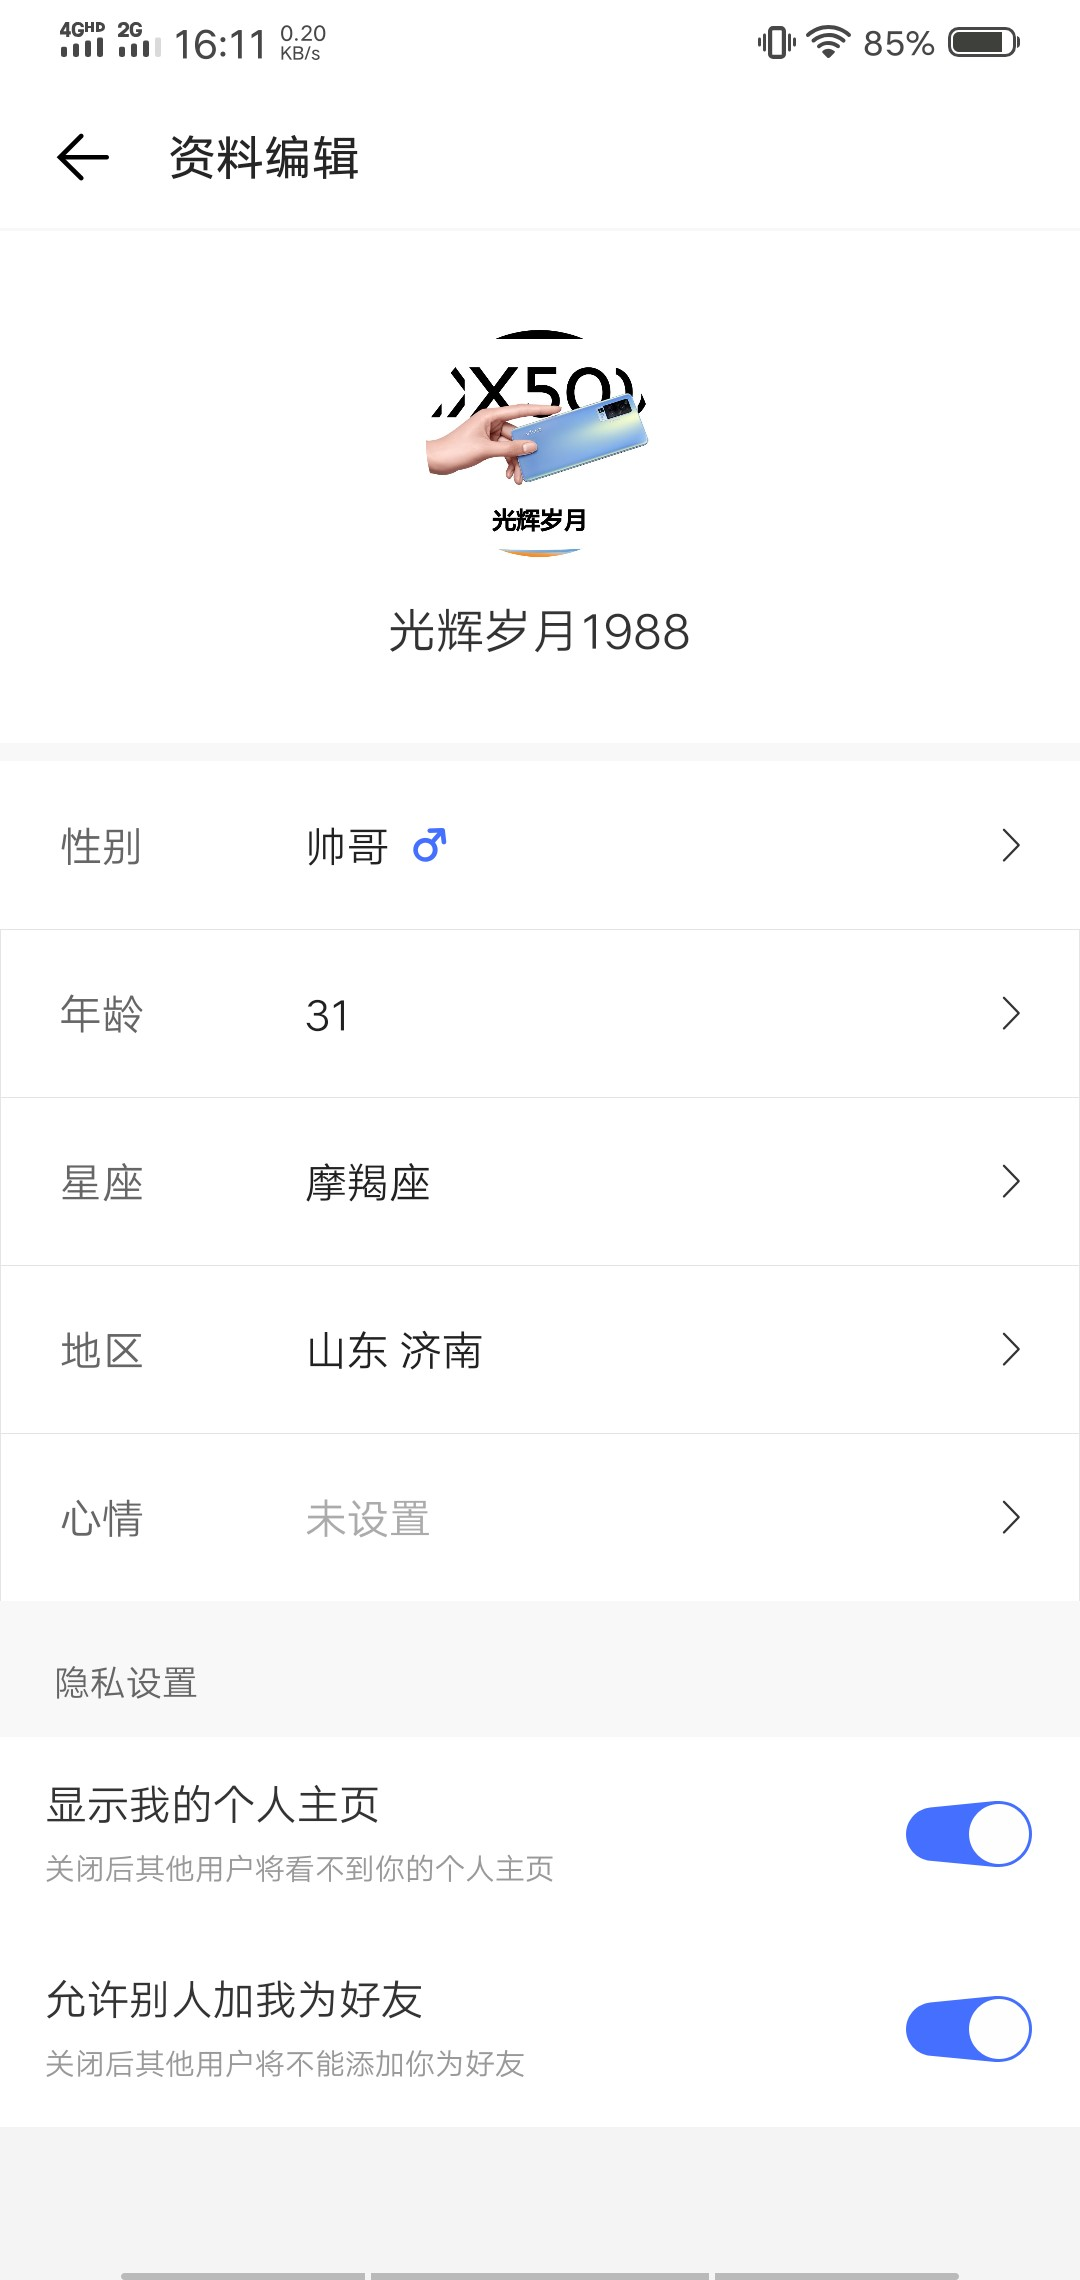 Screenshot_2020_0522_161143.jpg